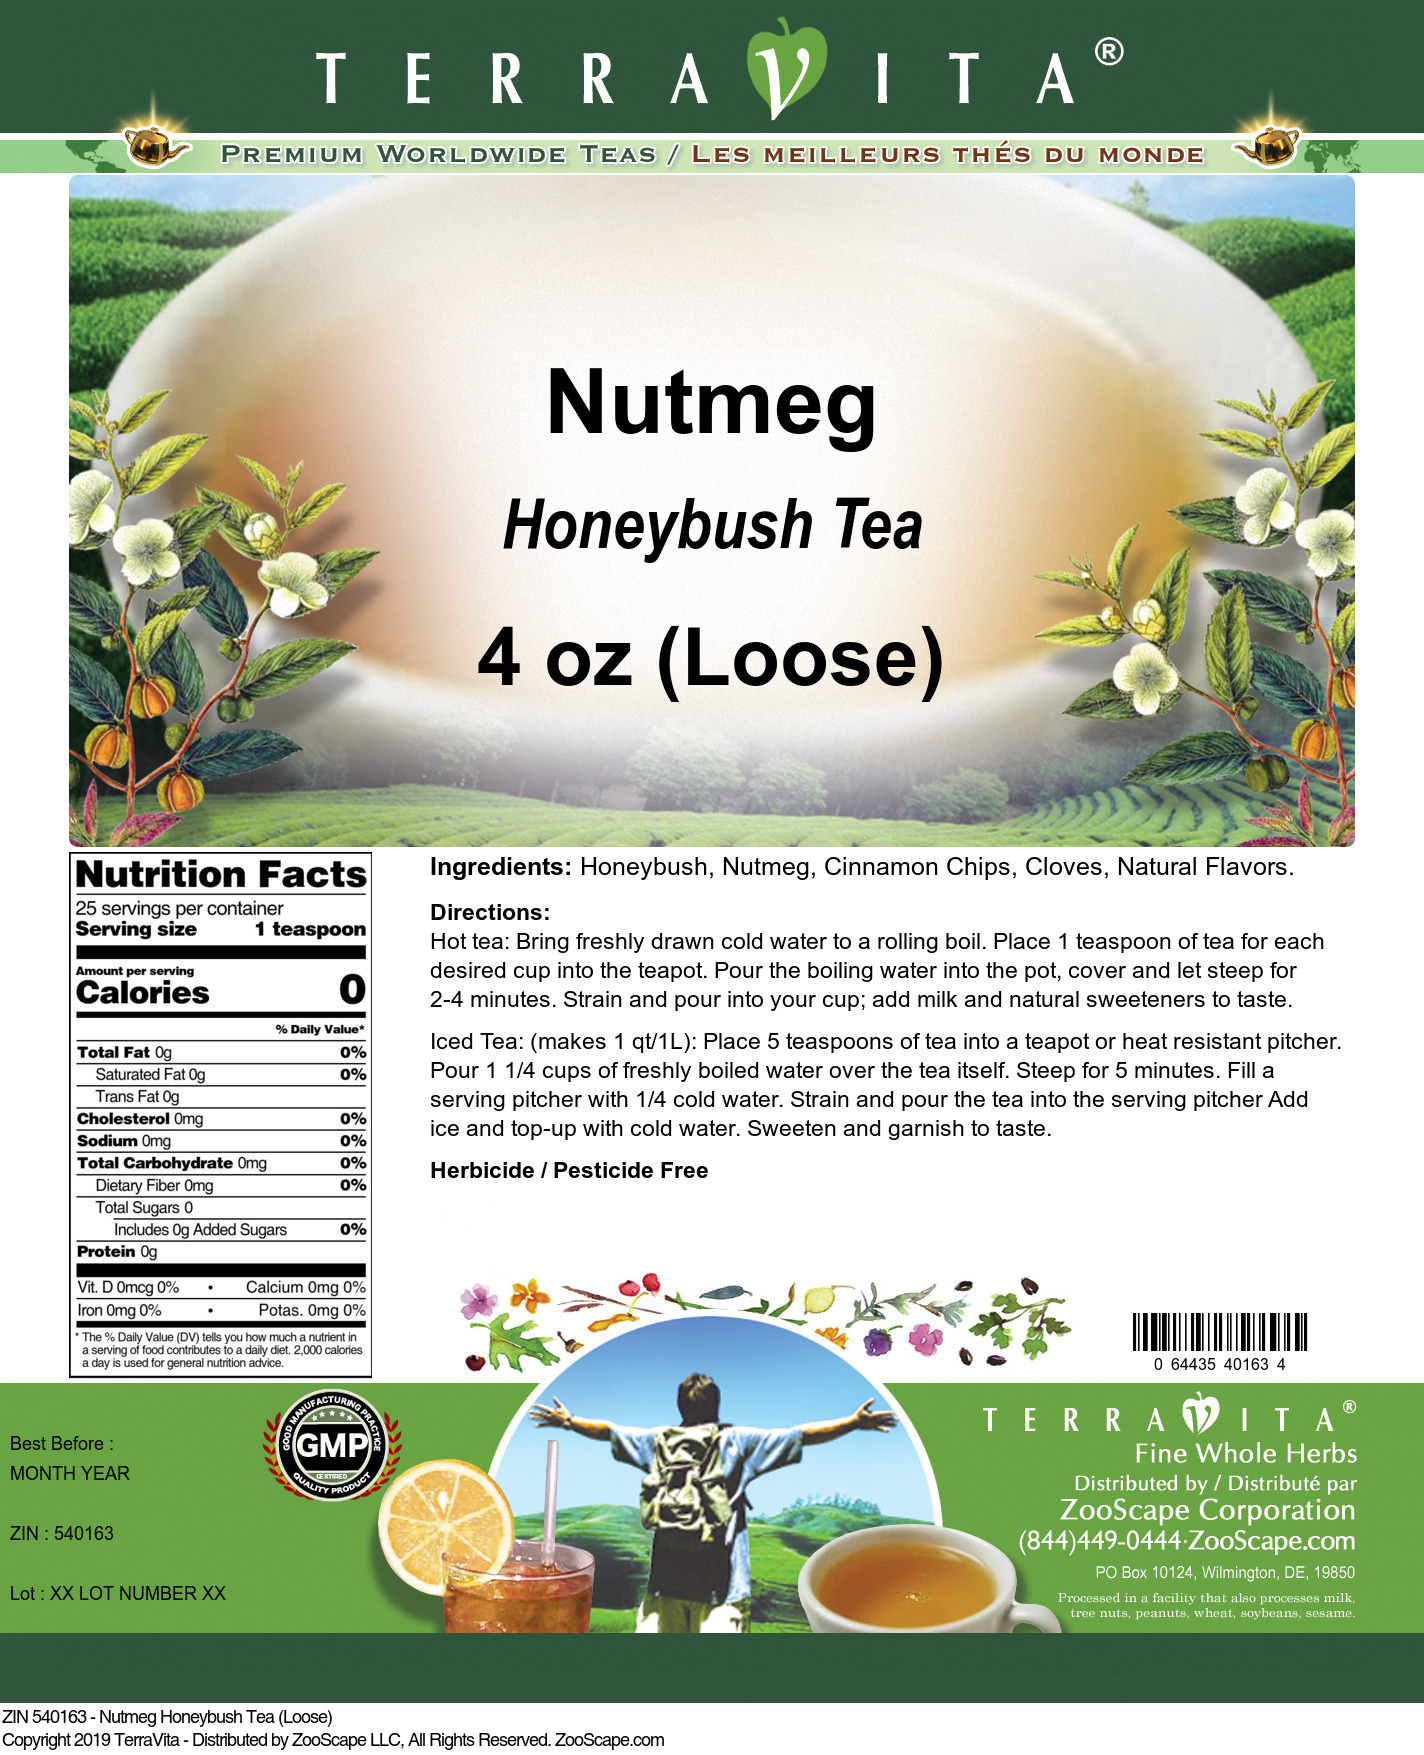 Nutmeg Honeybush Tea (Loose)